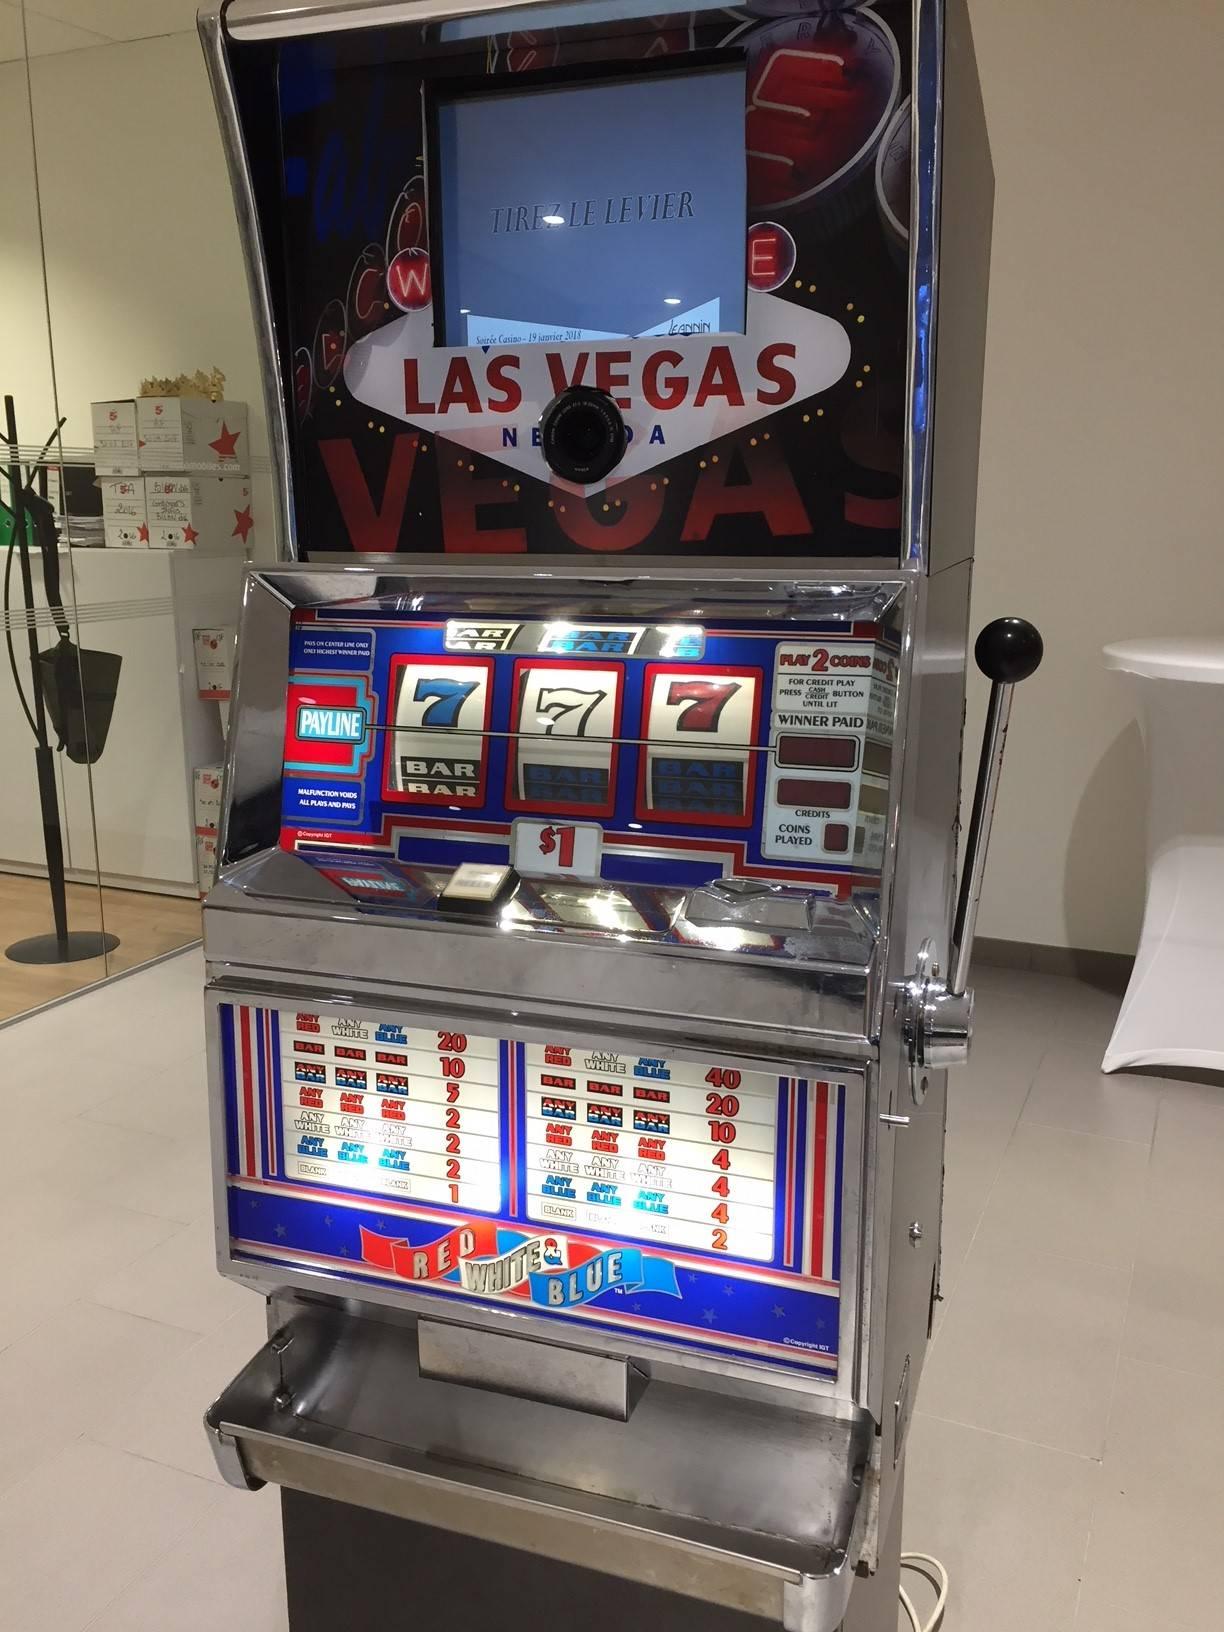 d'un jeux de casino à roulettes